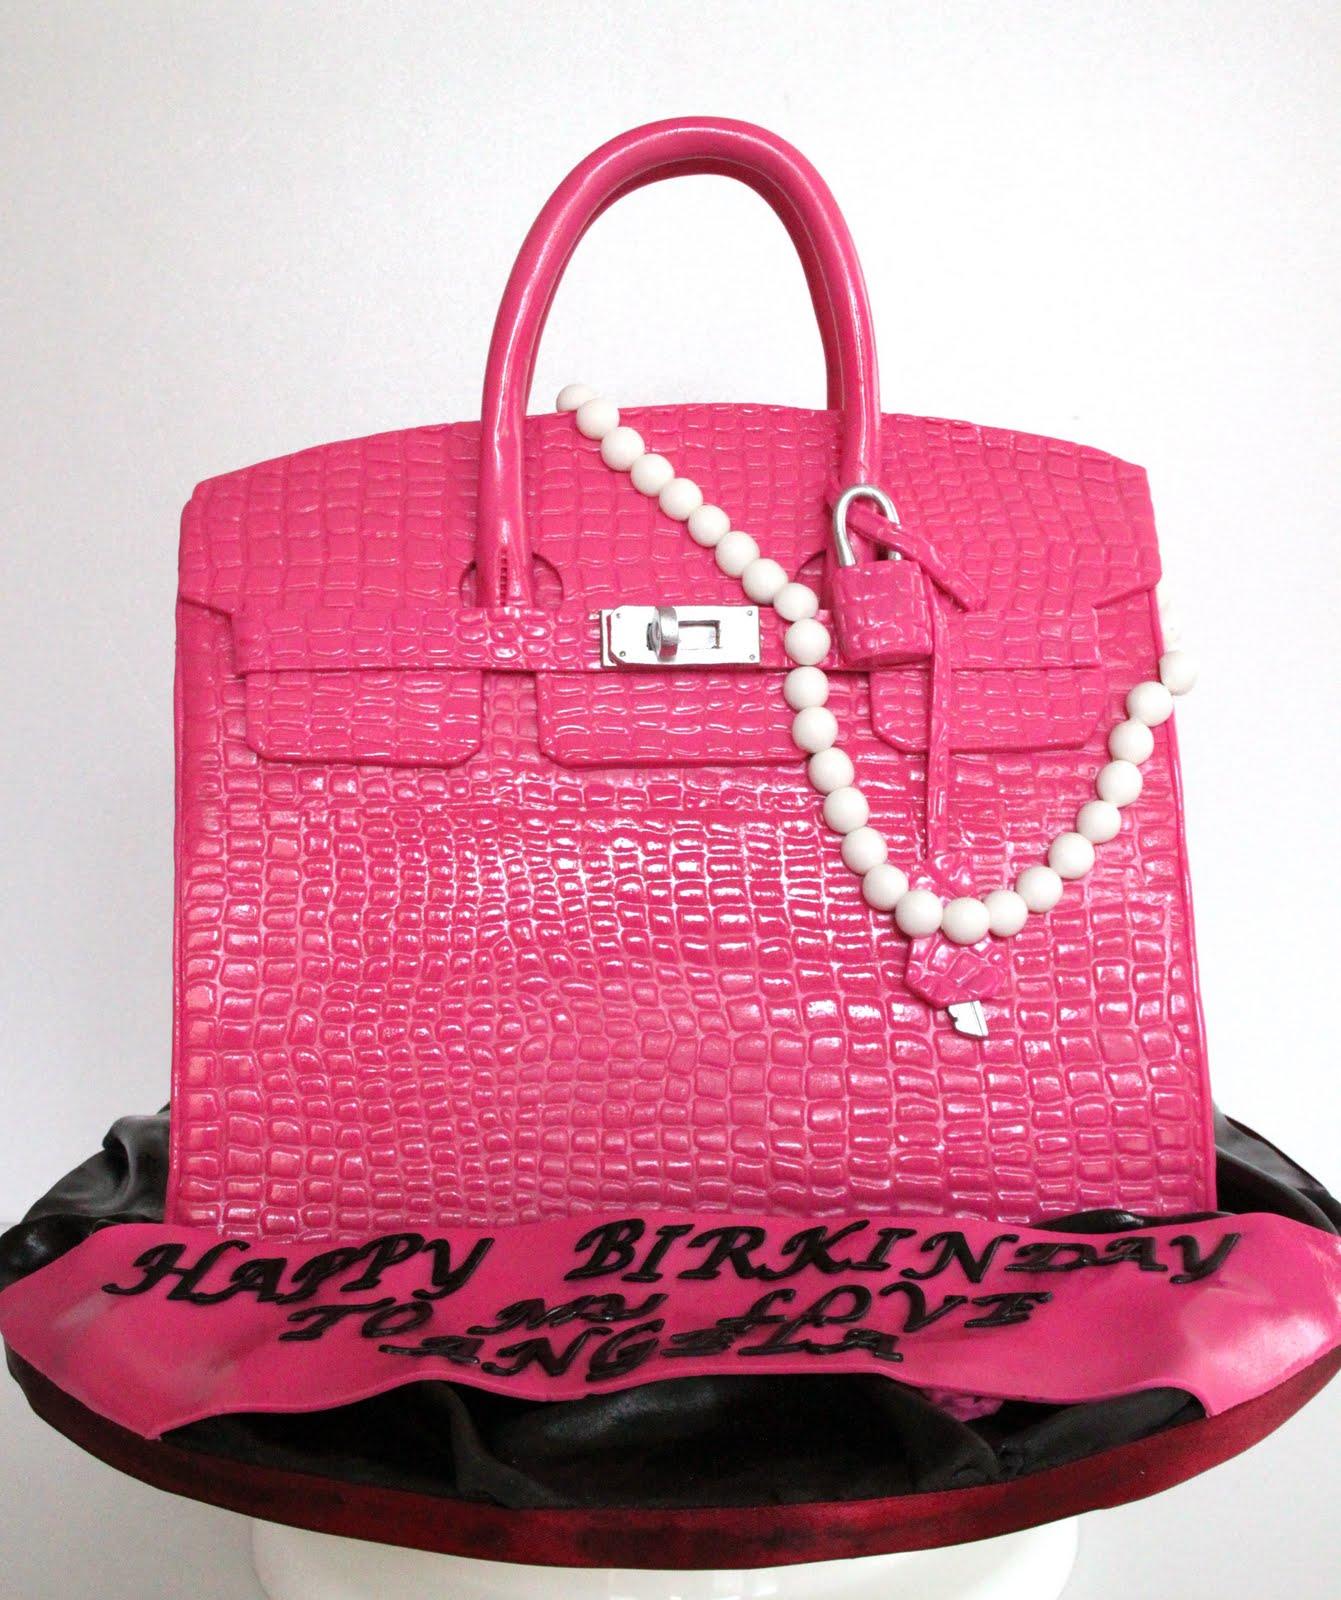 Pink Michael Kors Bag Cake